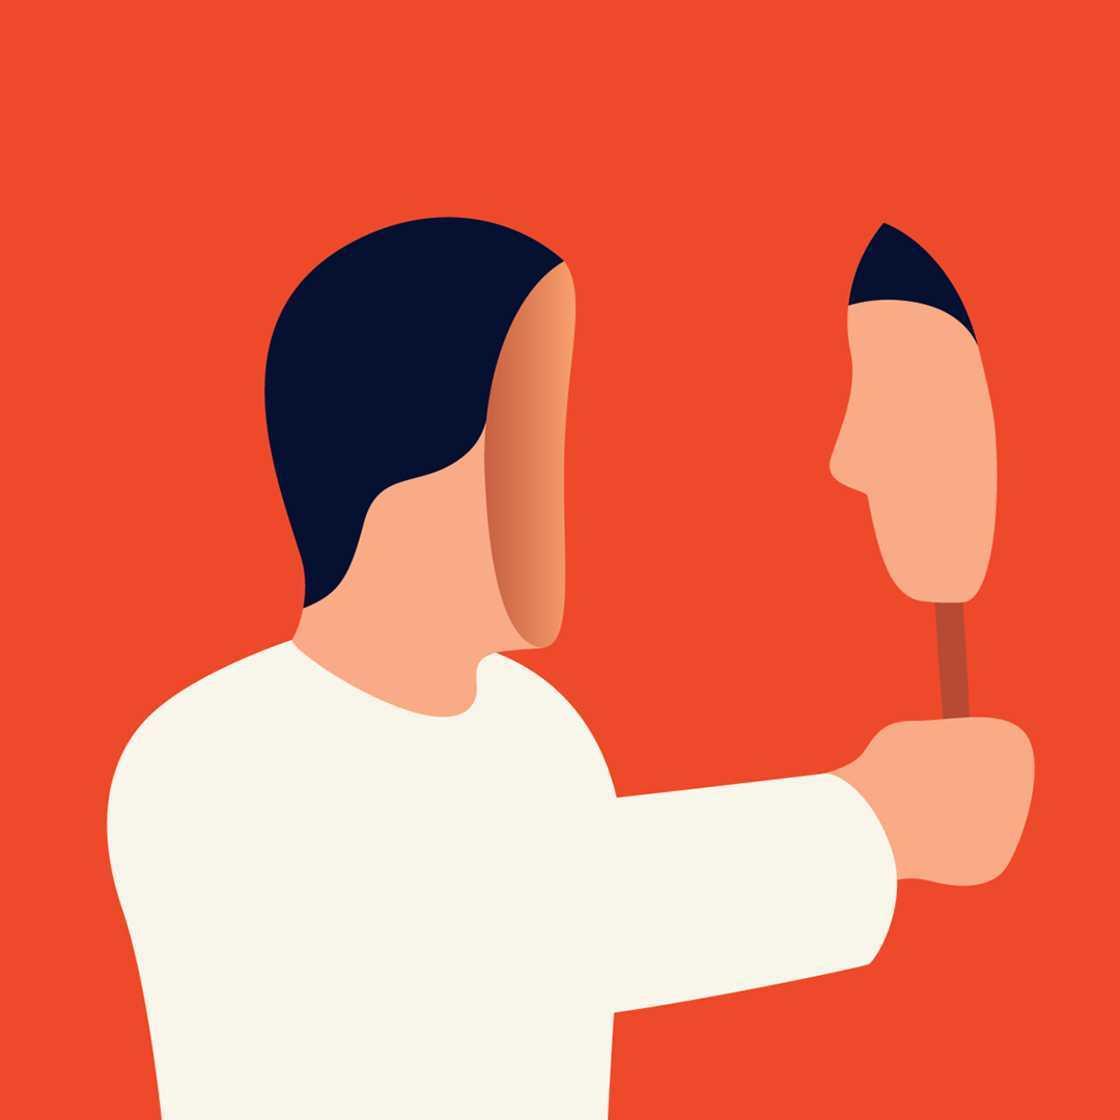 Ilustracoes satiricas e minimalistas de Francesco Ciccolella (38 pics)